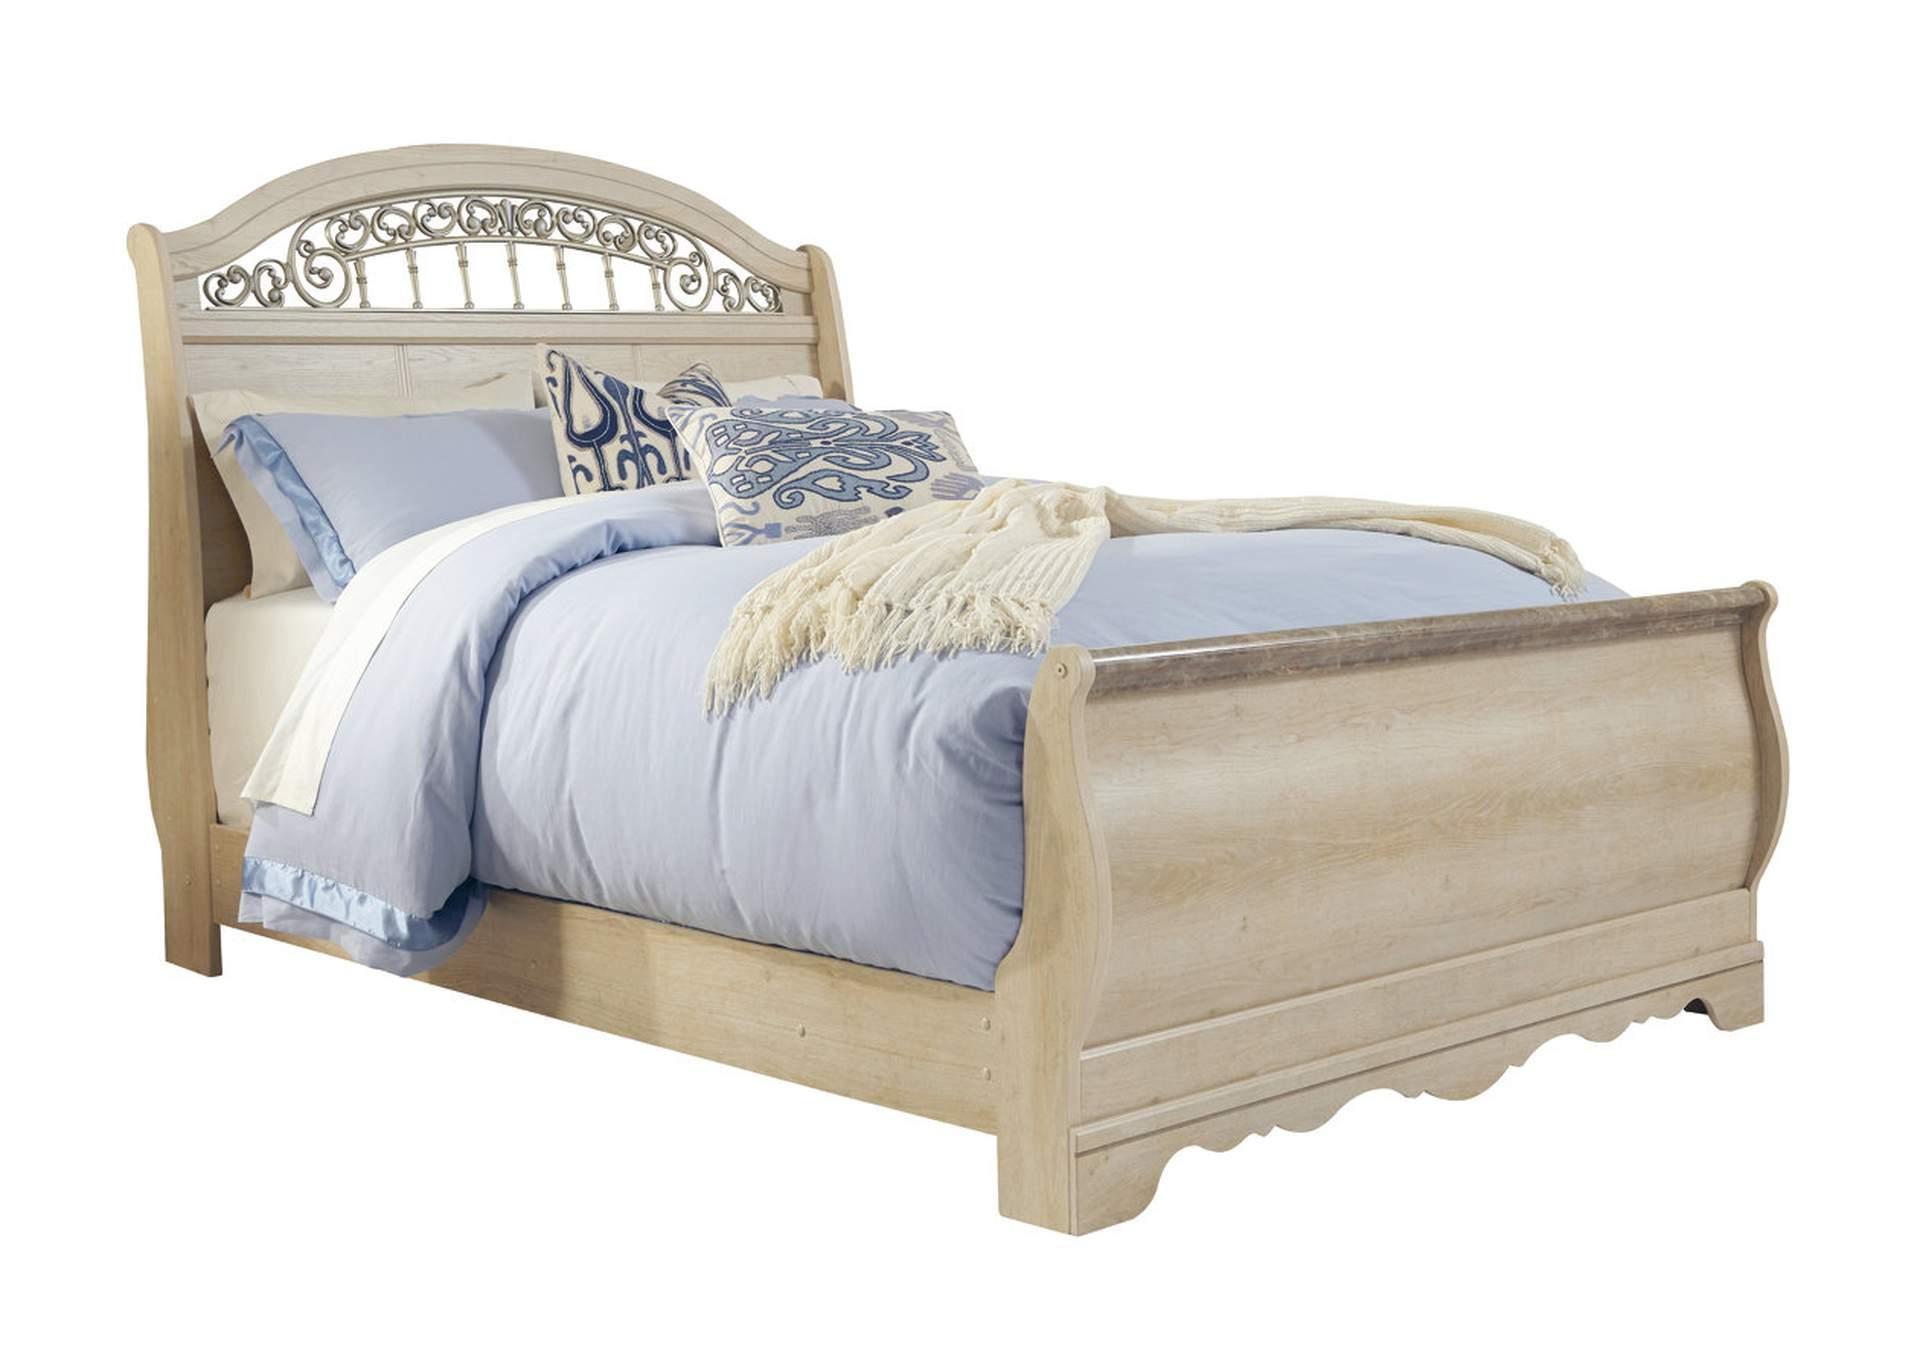 Bedroom Furniture Jacksonville Nc atlantic bedding and furniture - jacksonville nc catalina antique